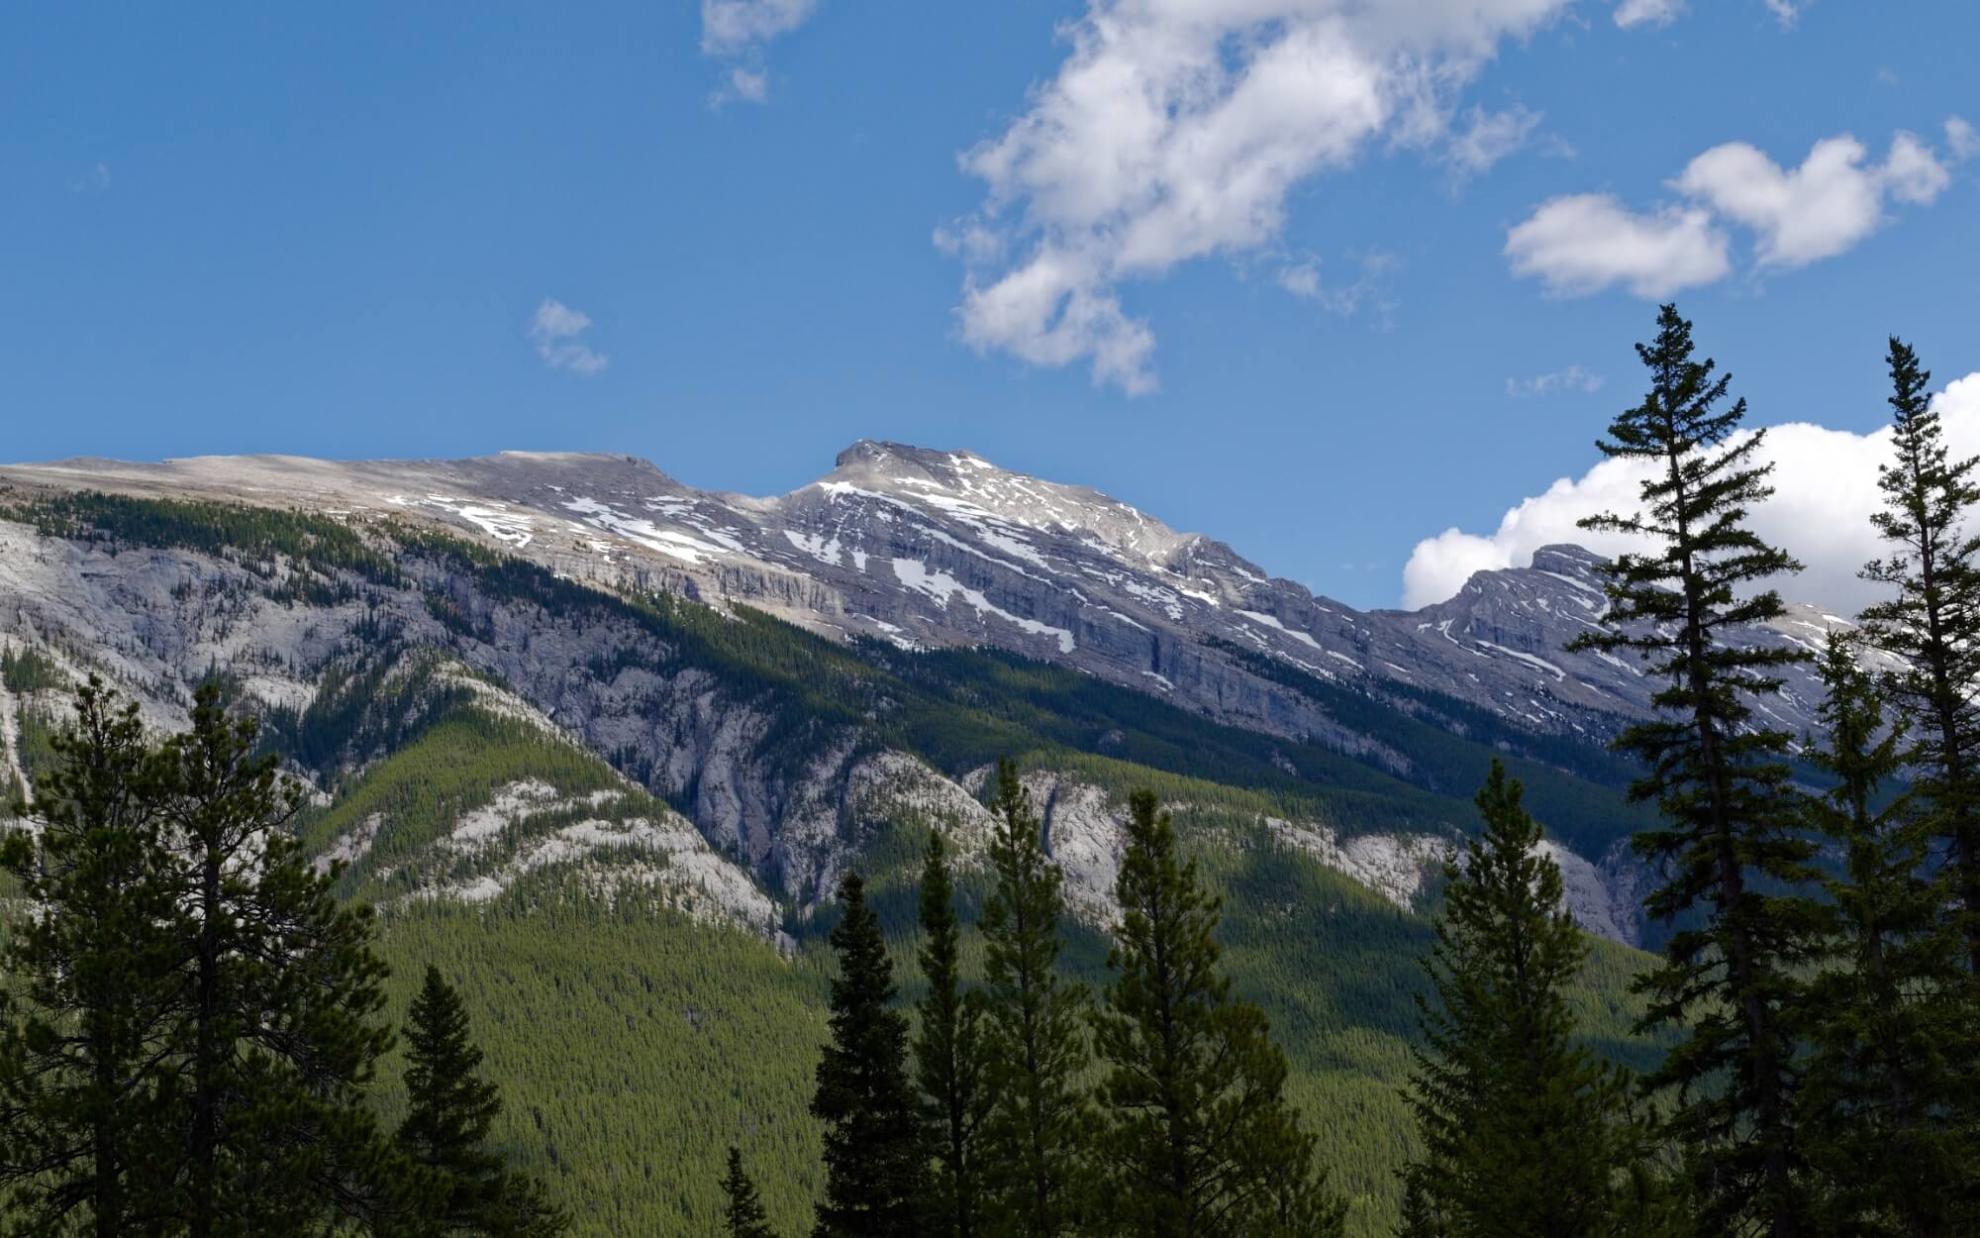 Blick auf den Mount Rundle. Rechts neben dem u-förmigen Einschnitt befindet sich der Gipfel.